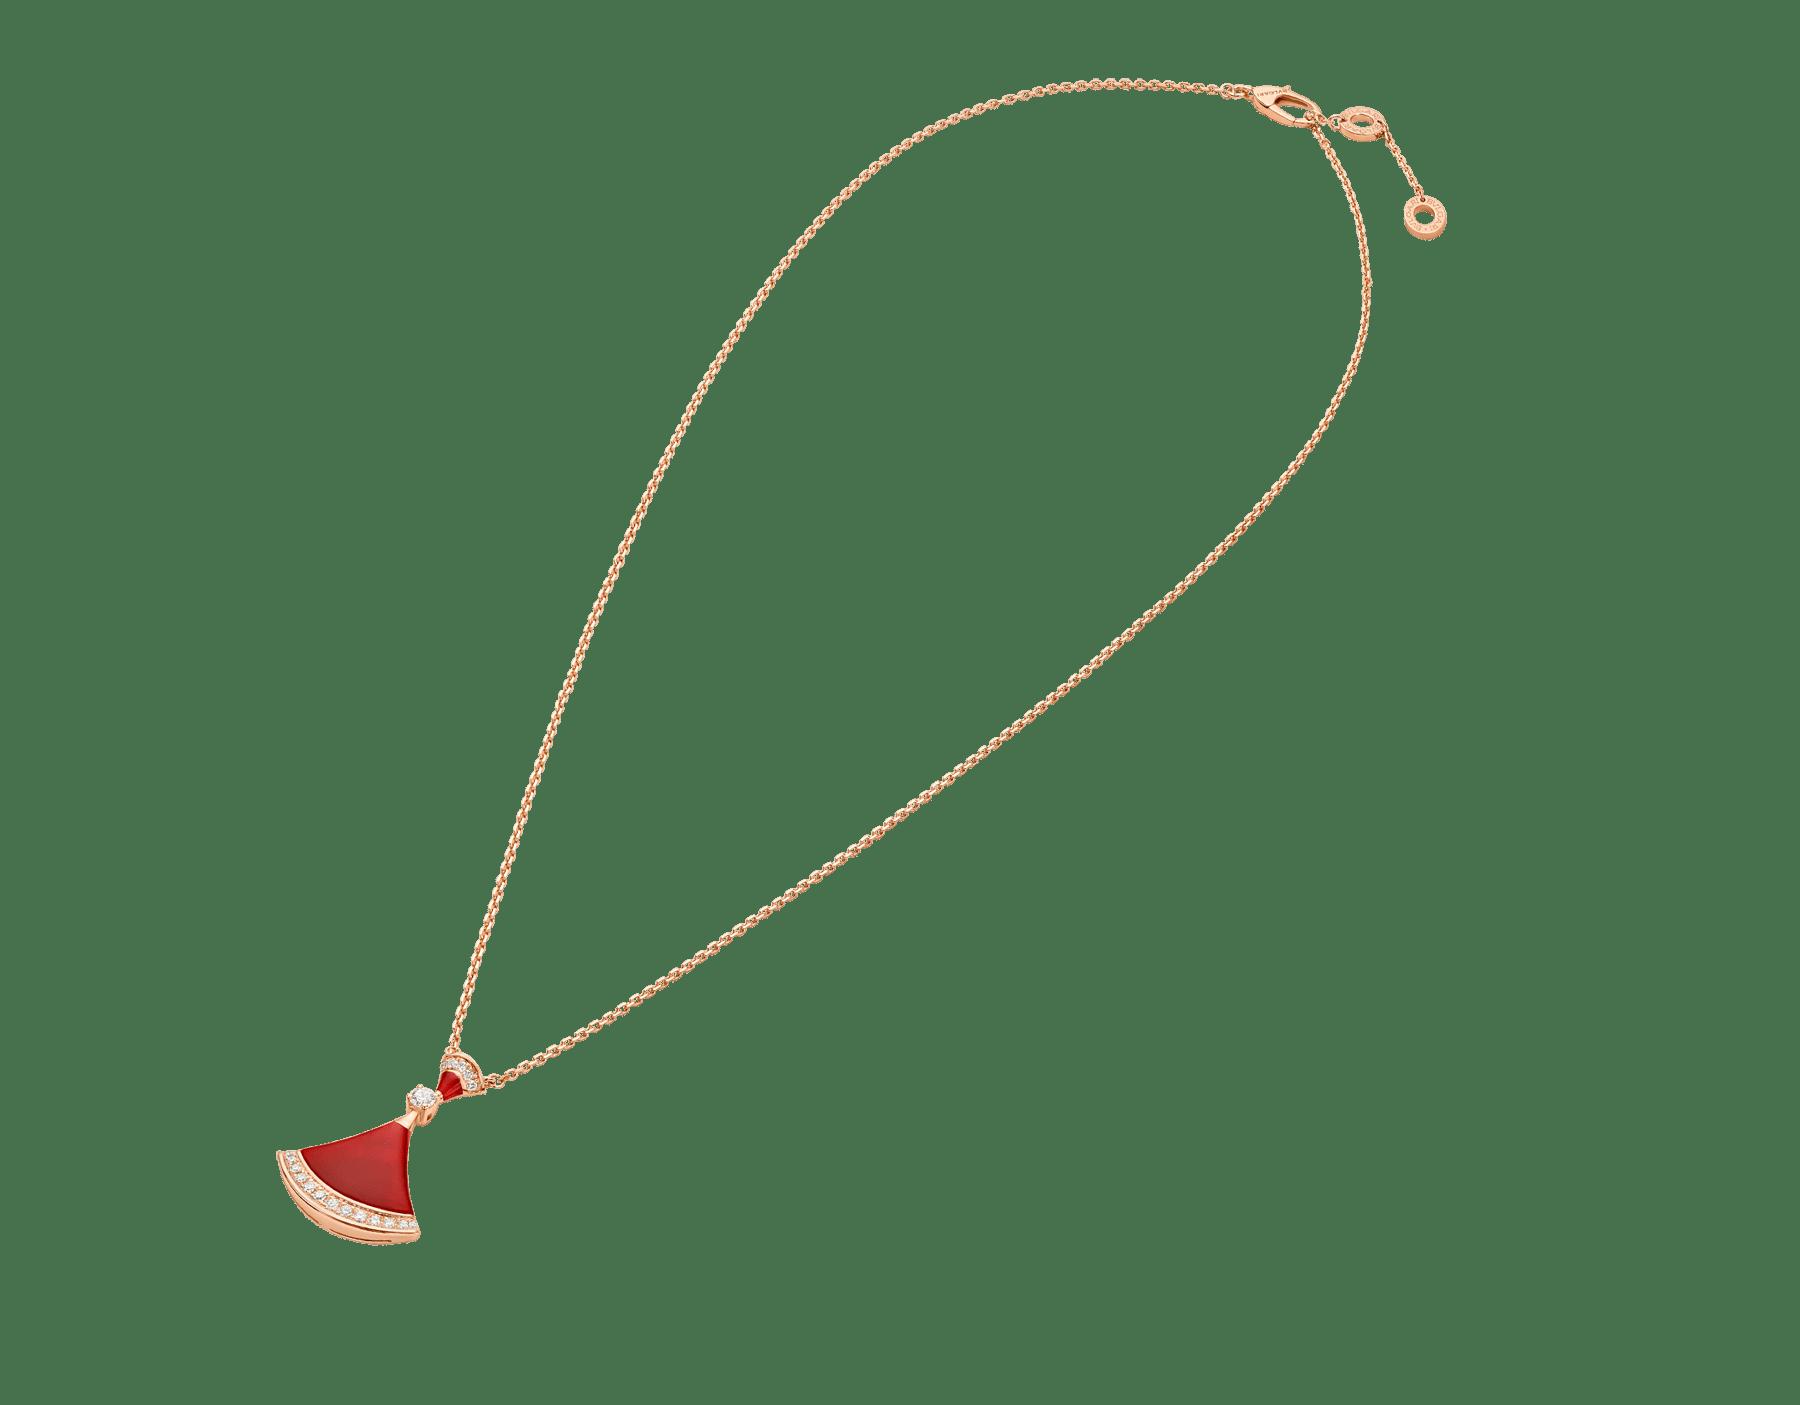 DIVAS' DREAM 18 kt rose gold necklace set with carnelian elements, a round brilliant-cut diamond and pavé diamonds. 356437 image 2